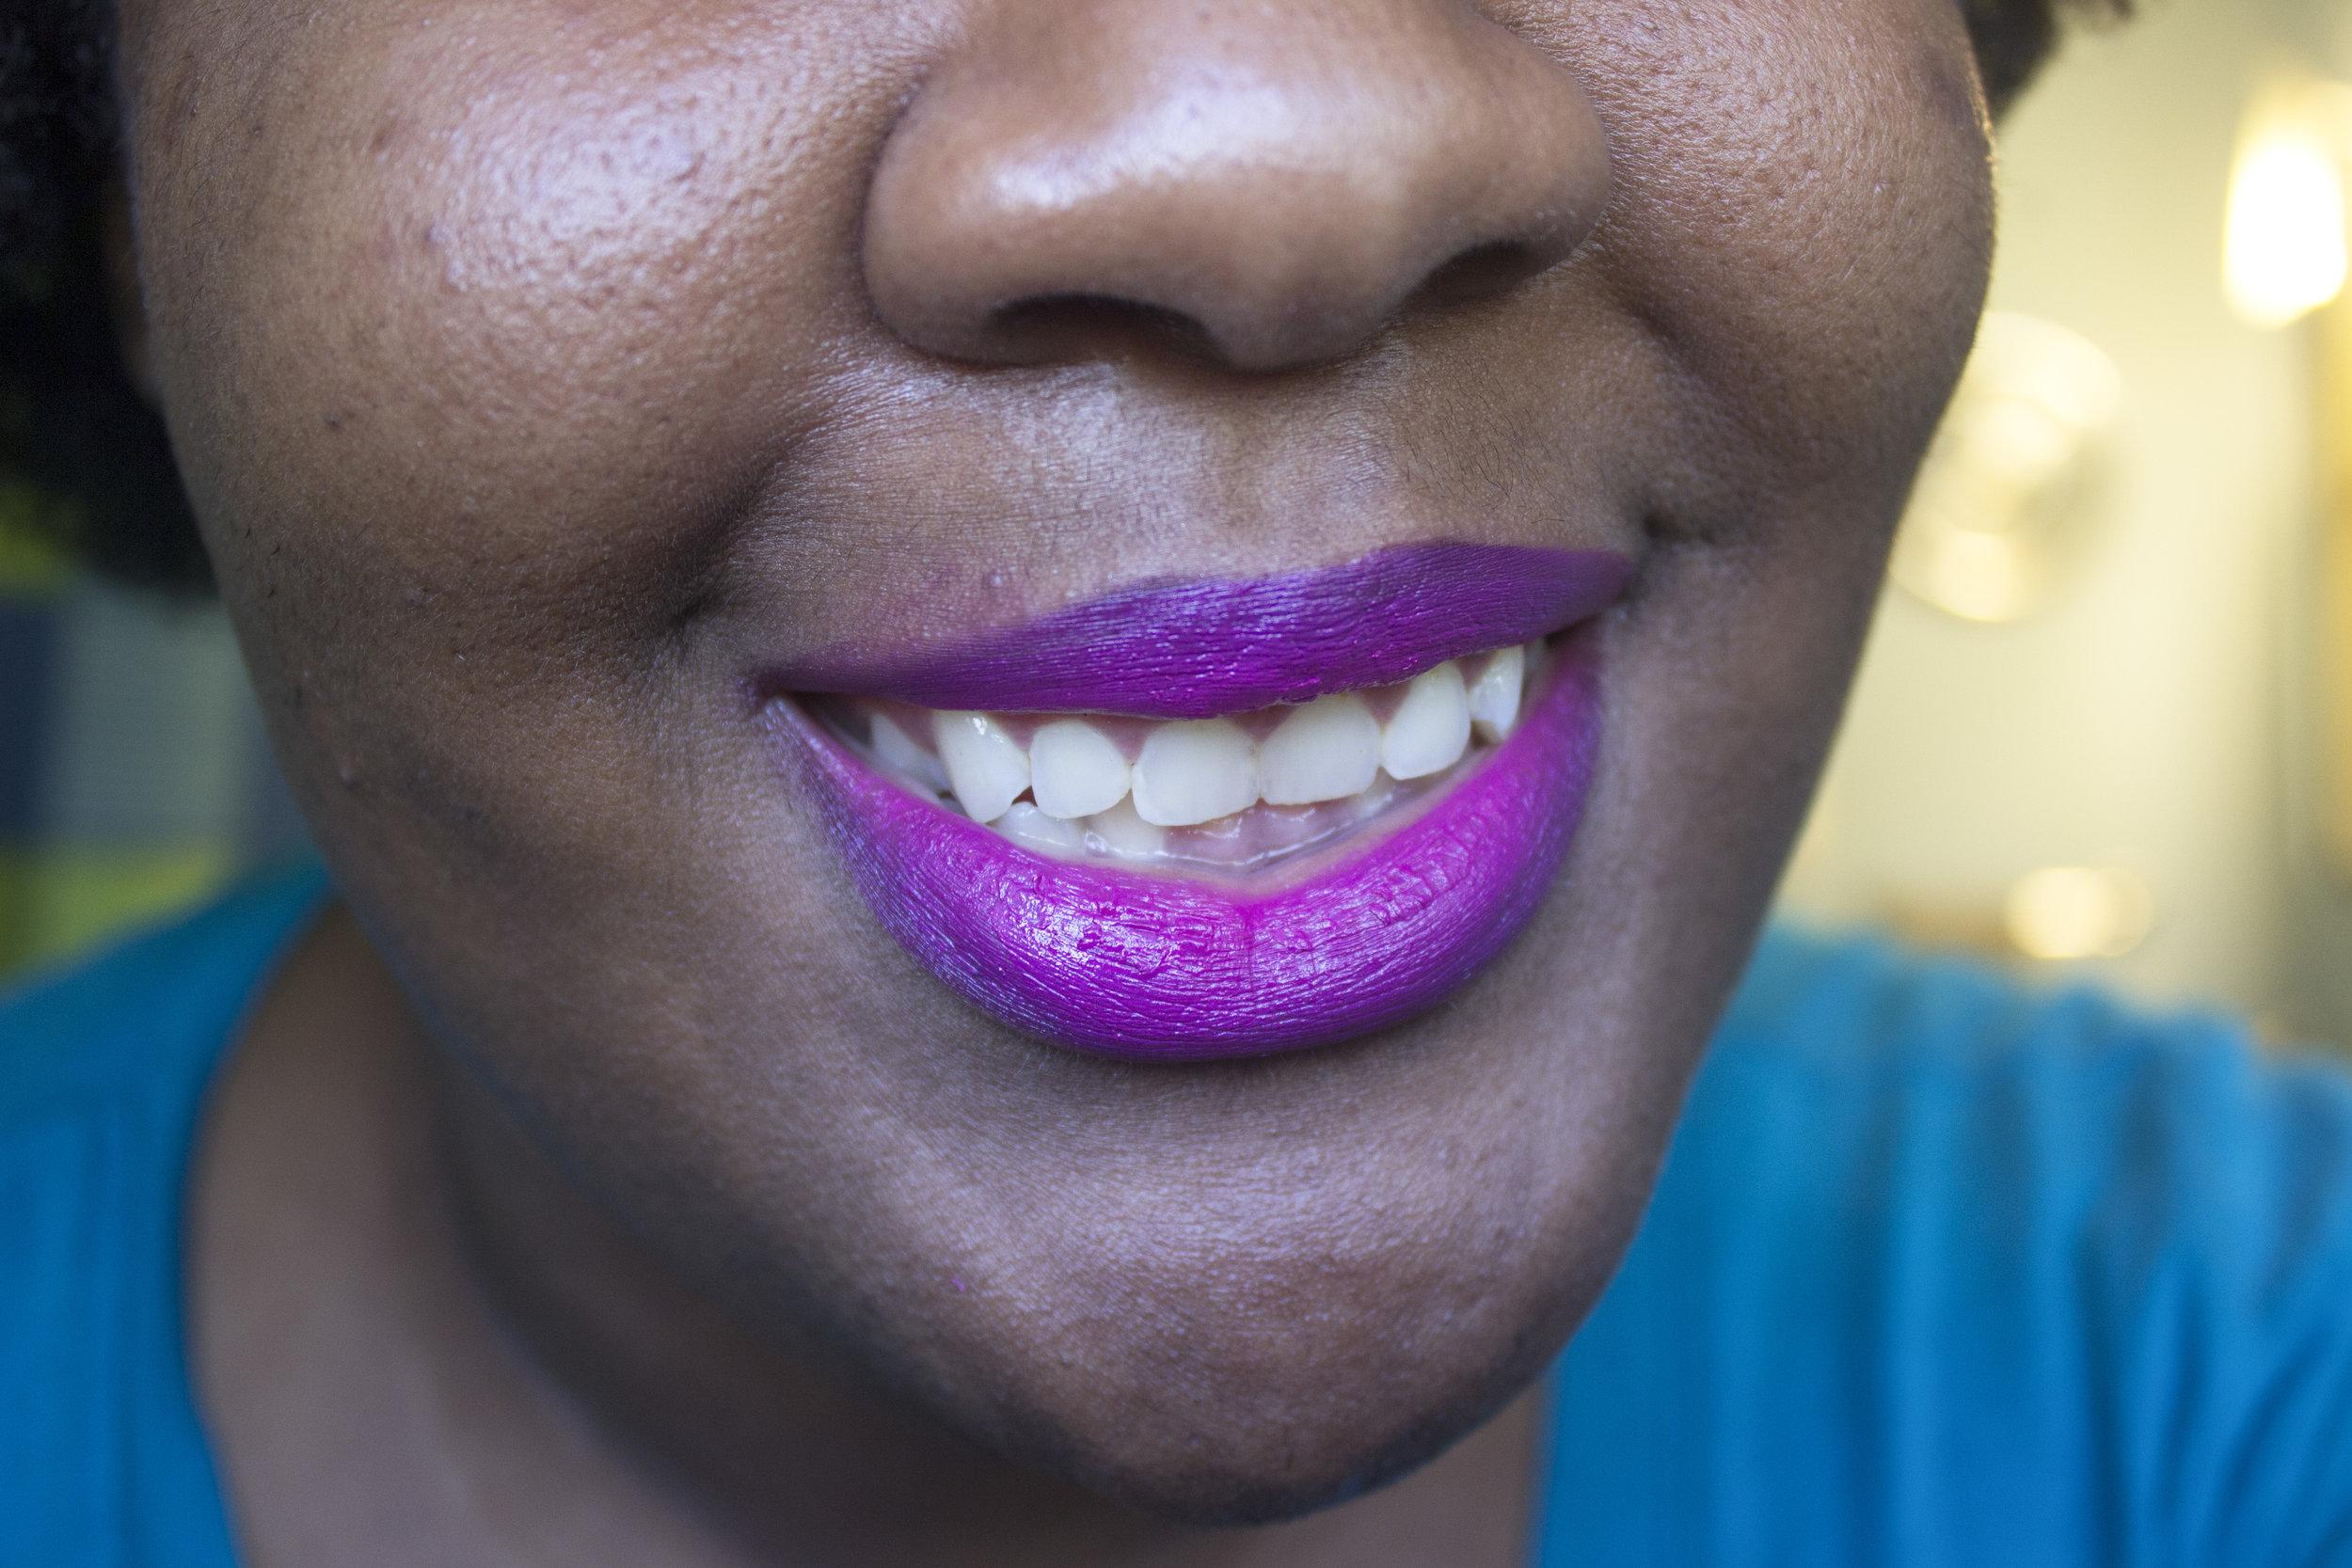 fuchsia smile